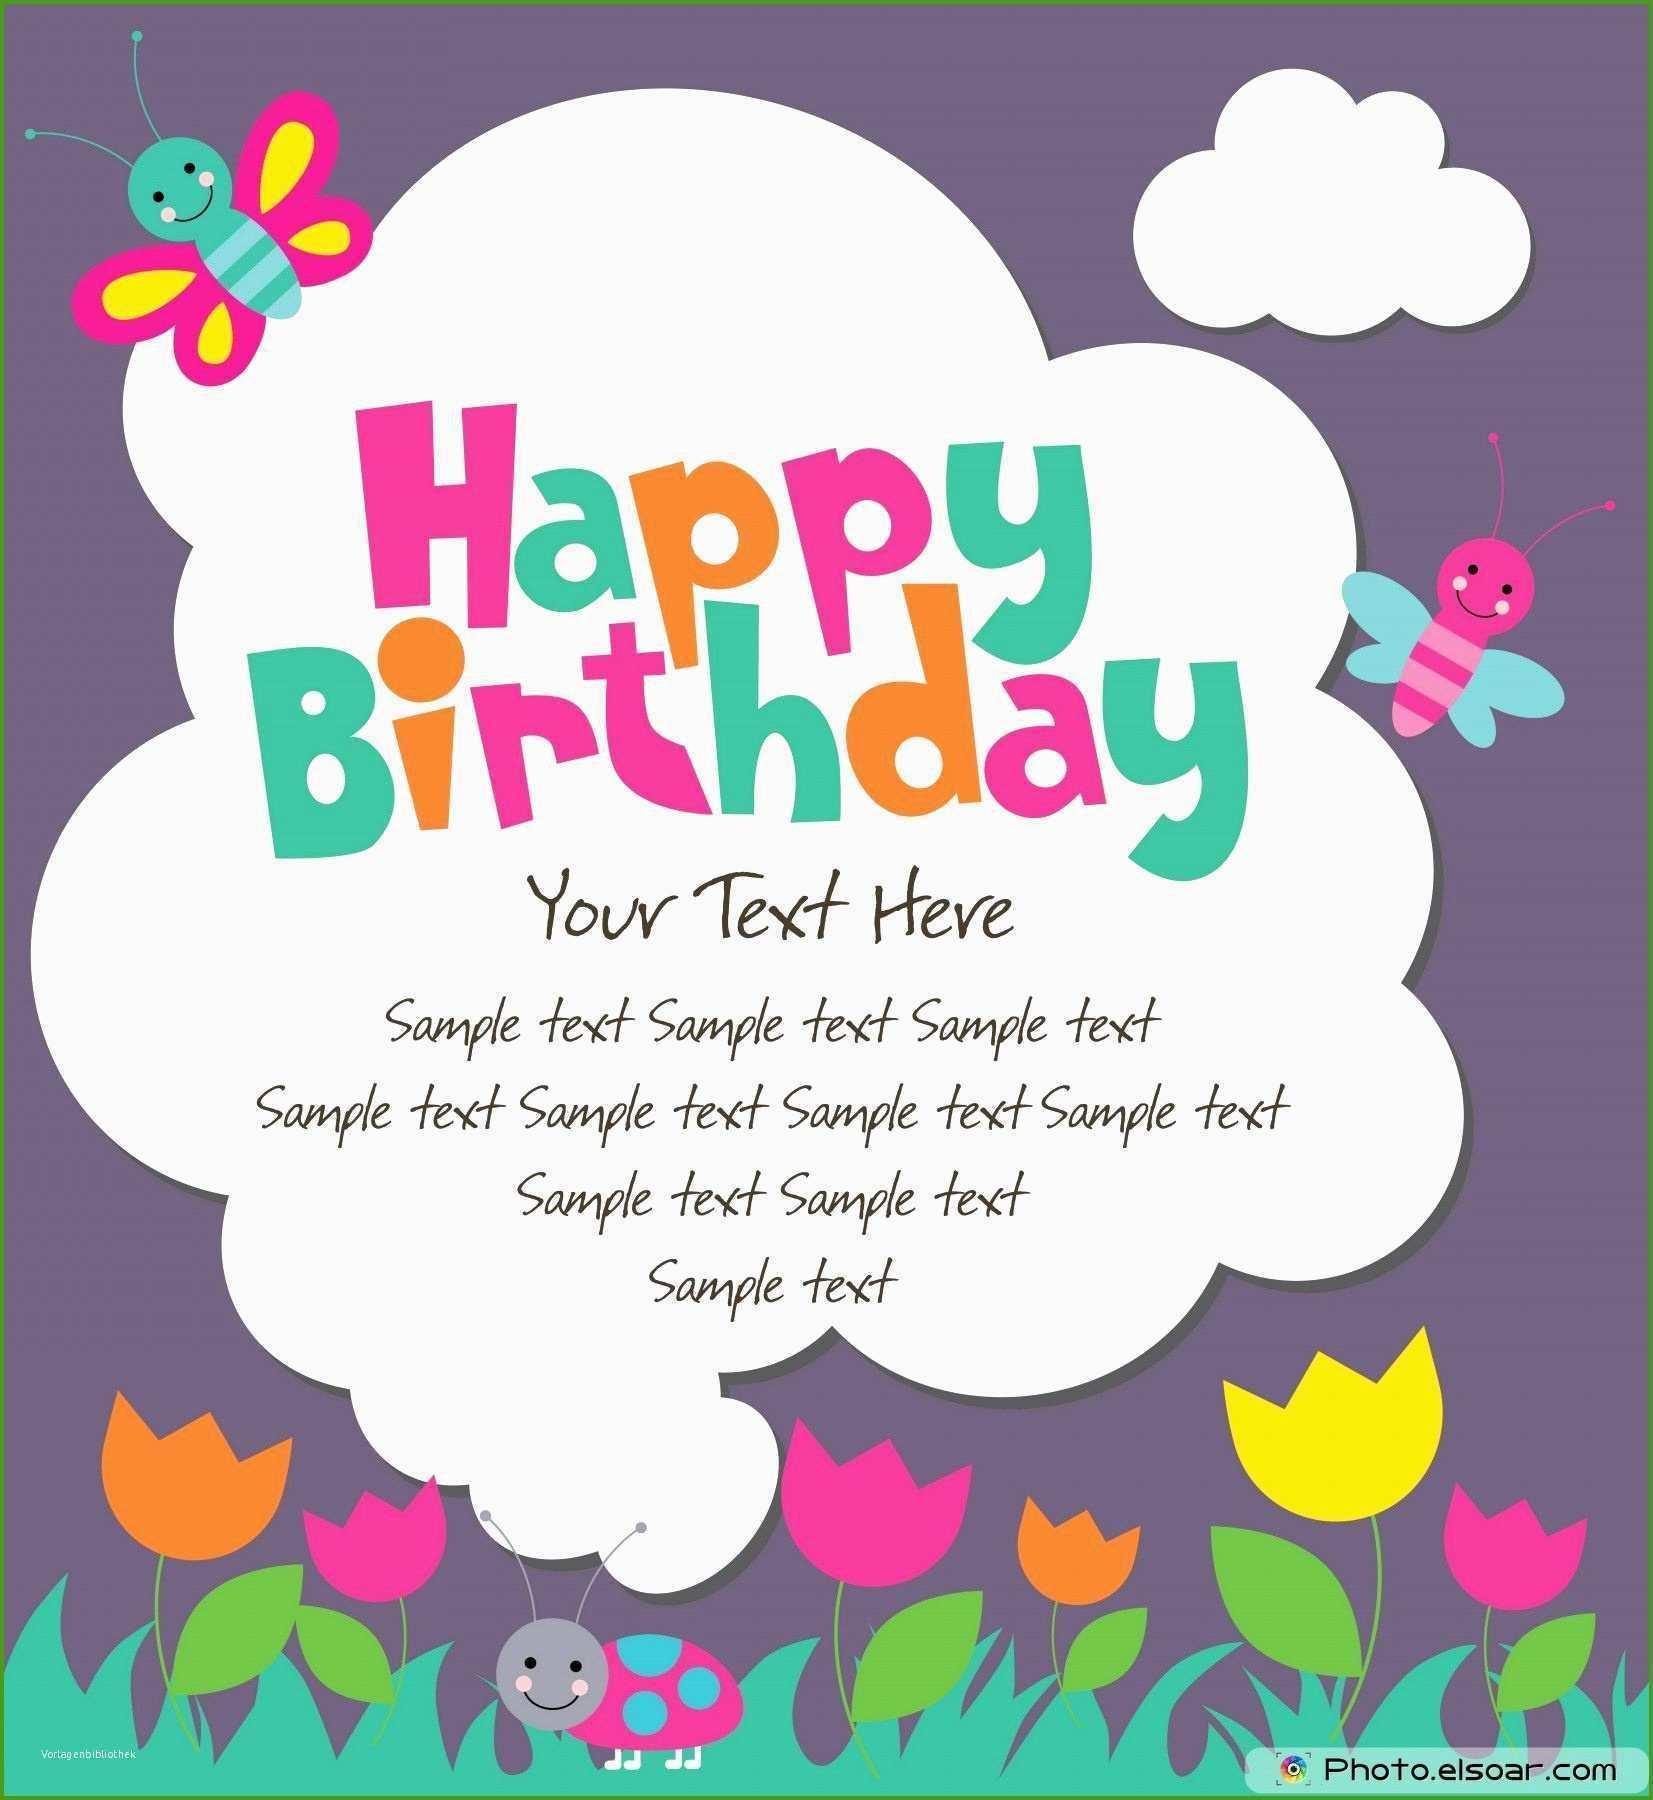 Einladungskarten Einladung 2 Geburtstag Einladung Insparadies Einladung Insp Einladungskarten Kostenlos Einladung 70 Geburtstag Einladung 60 Geburtstag